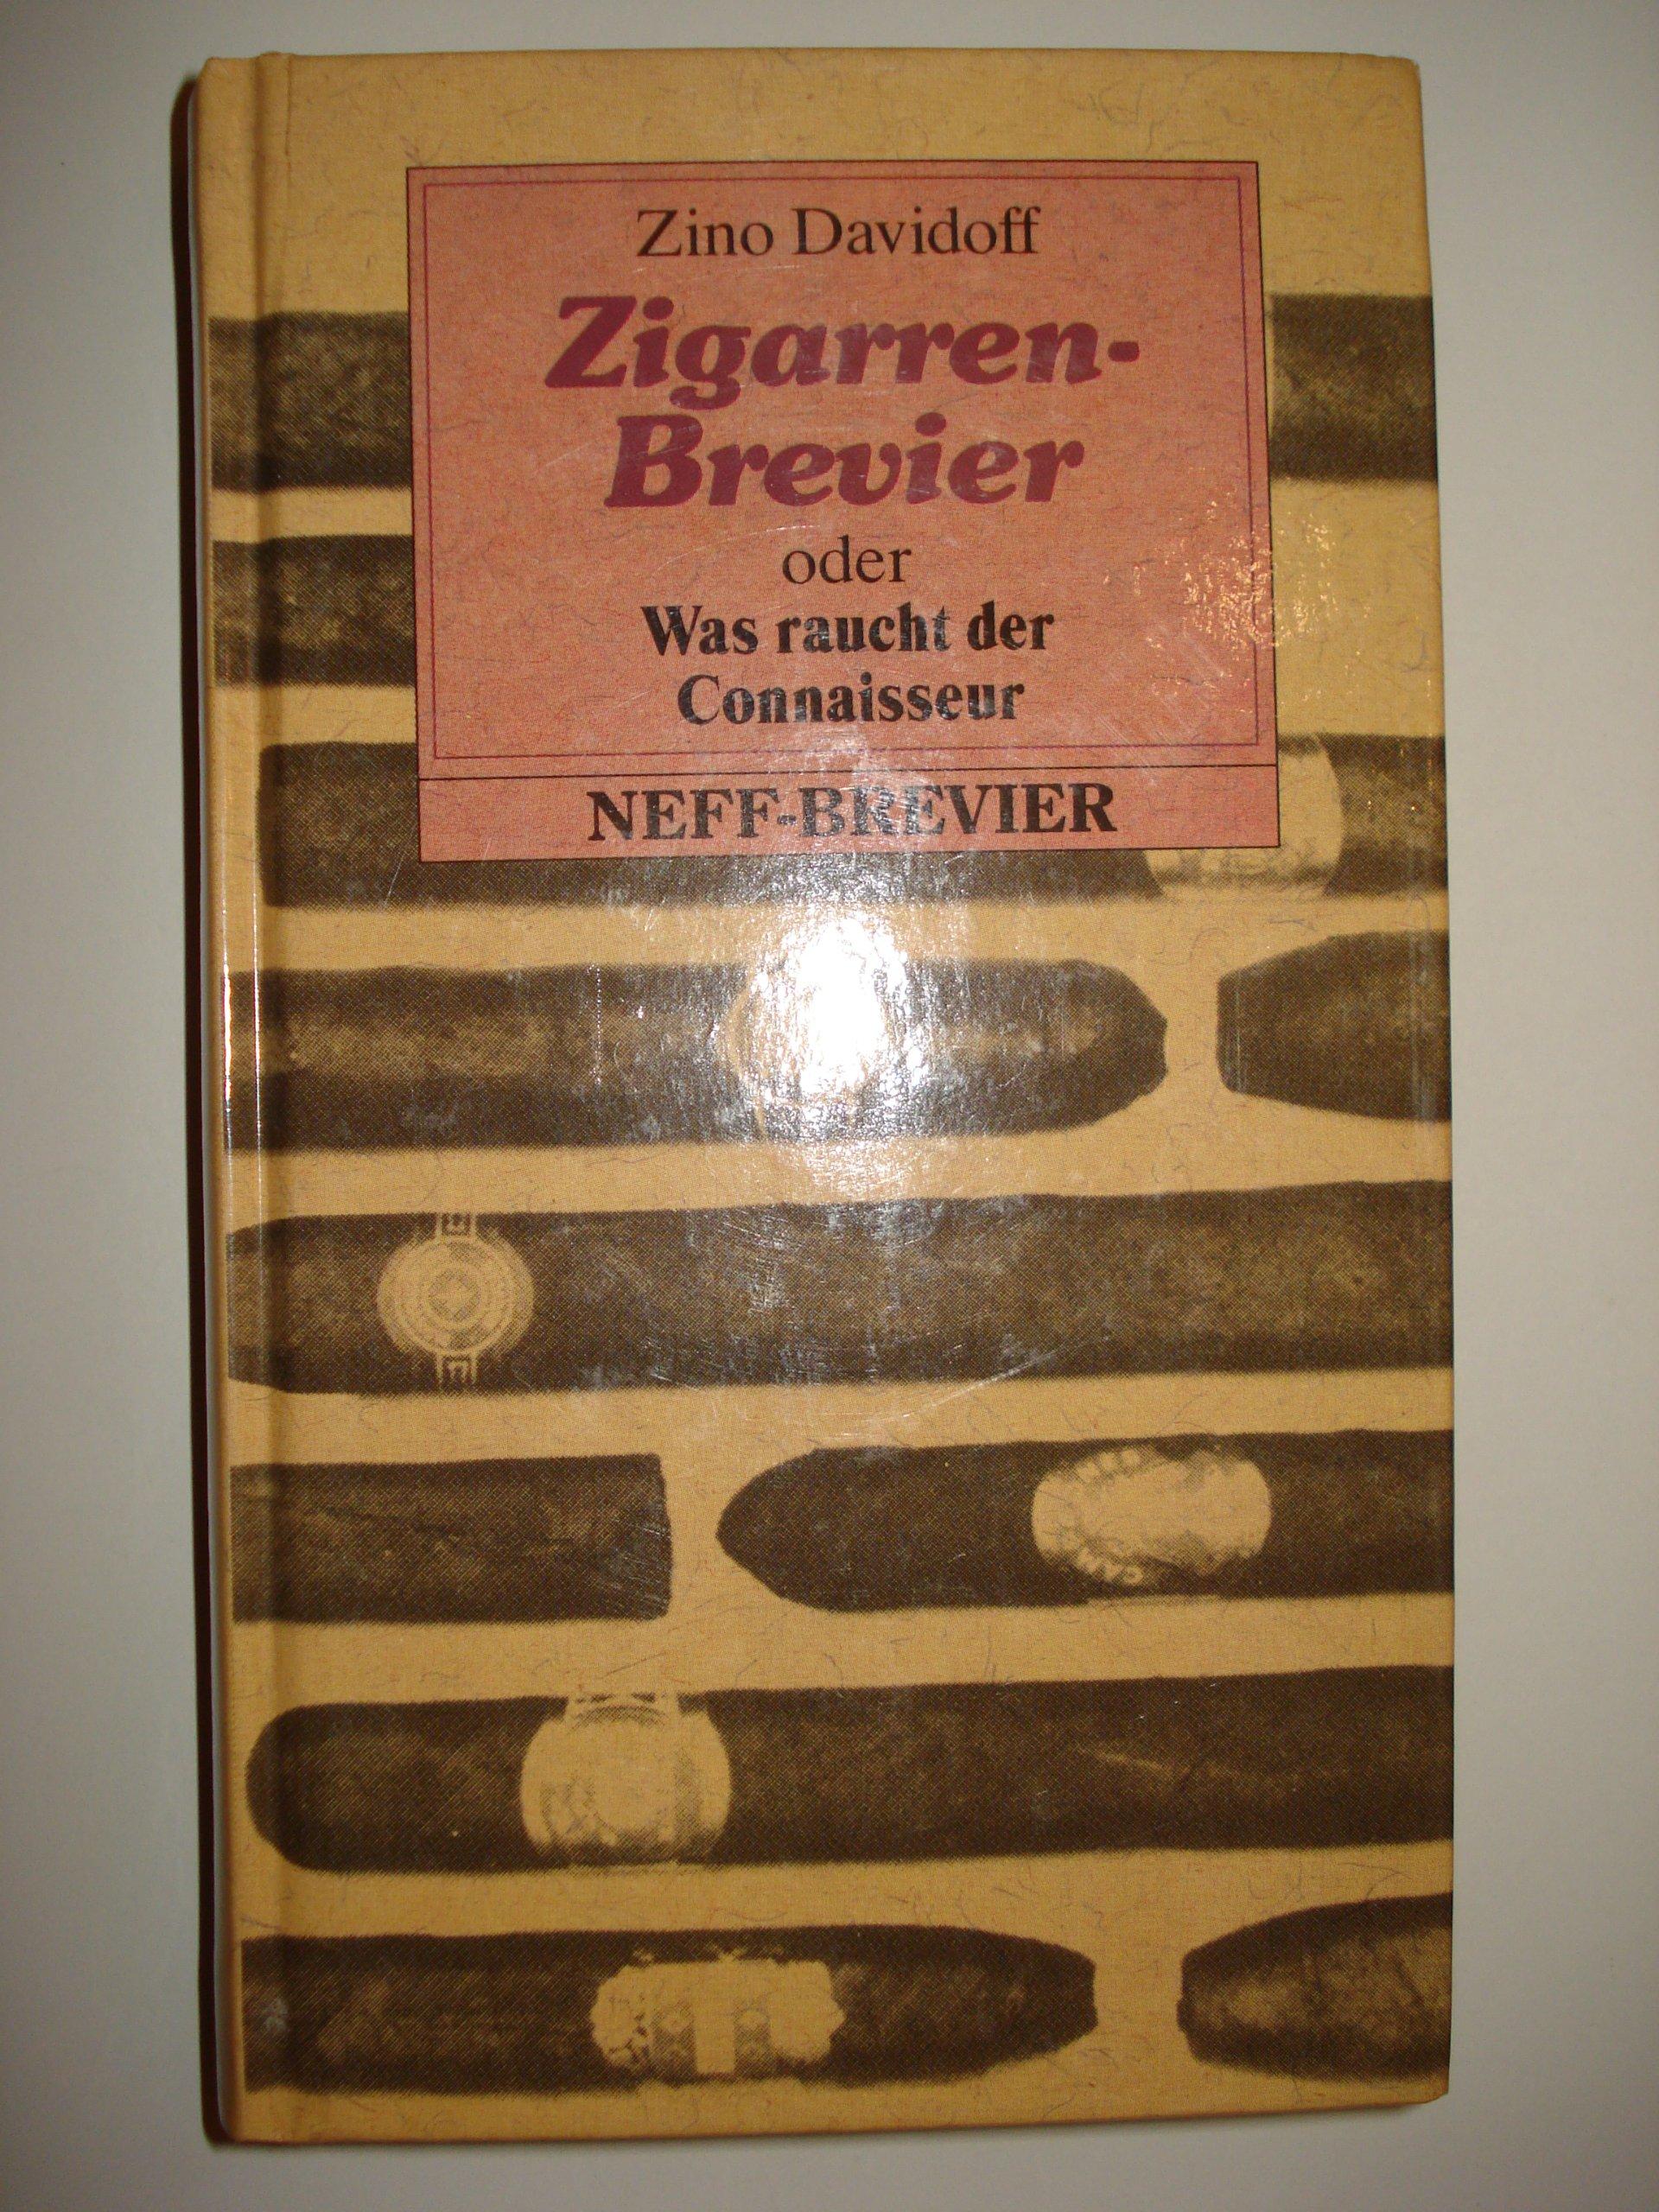 Zigarren-Brevier oder Was raucht der Connaisseur (Kleine Neff-Breviere)